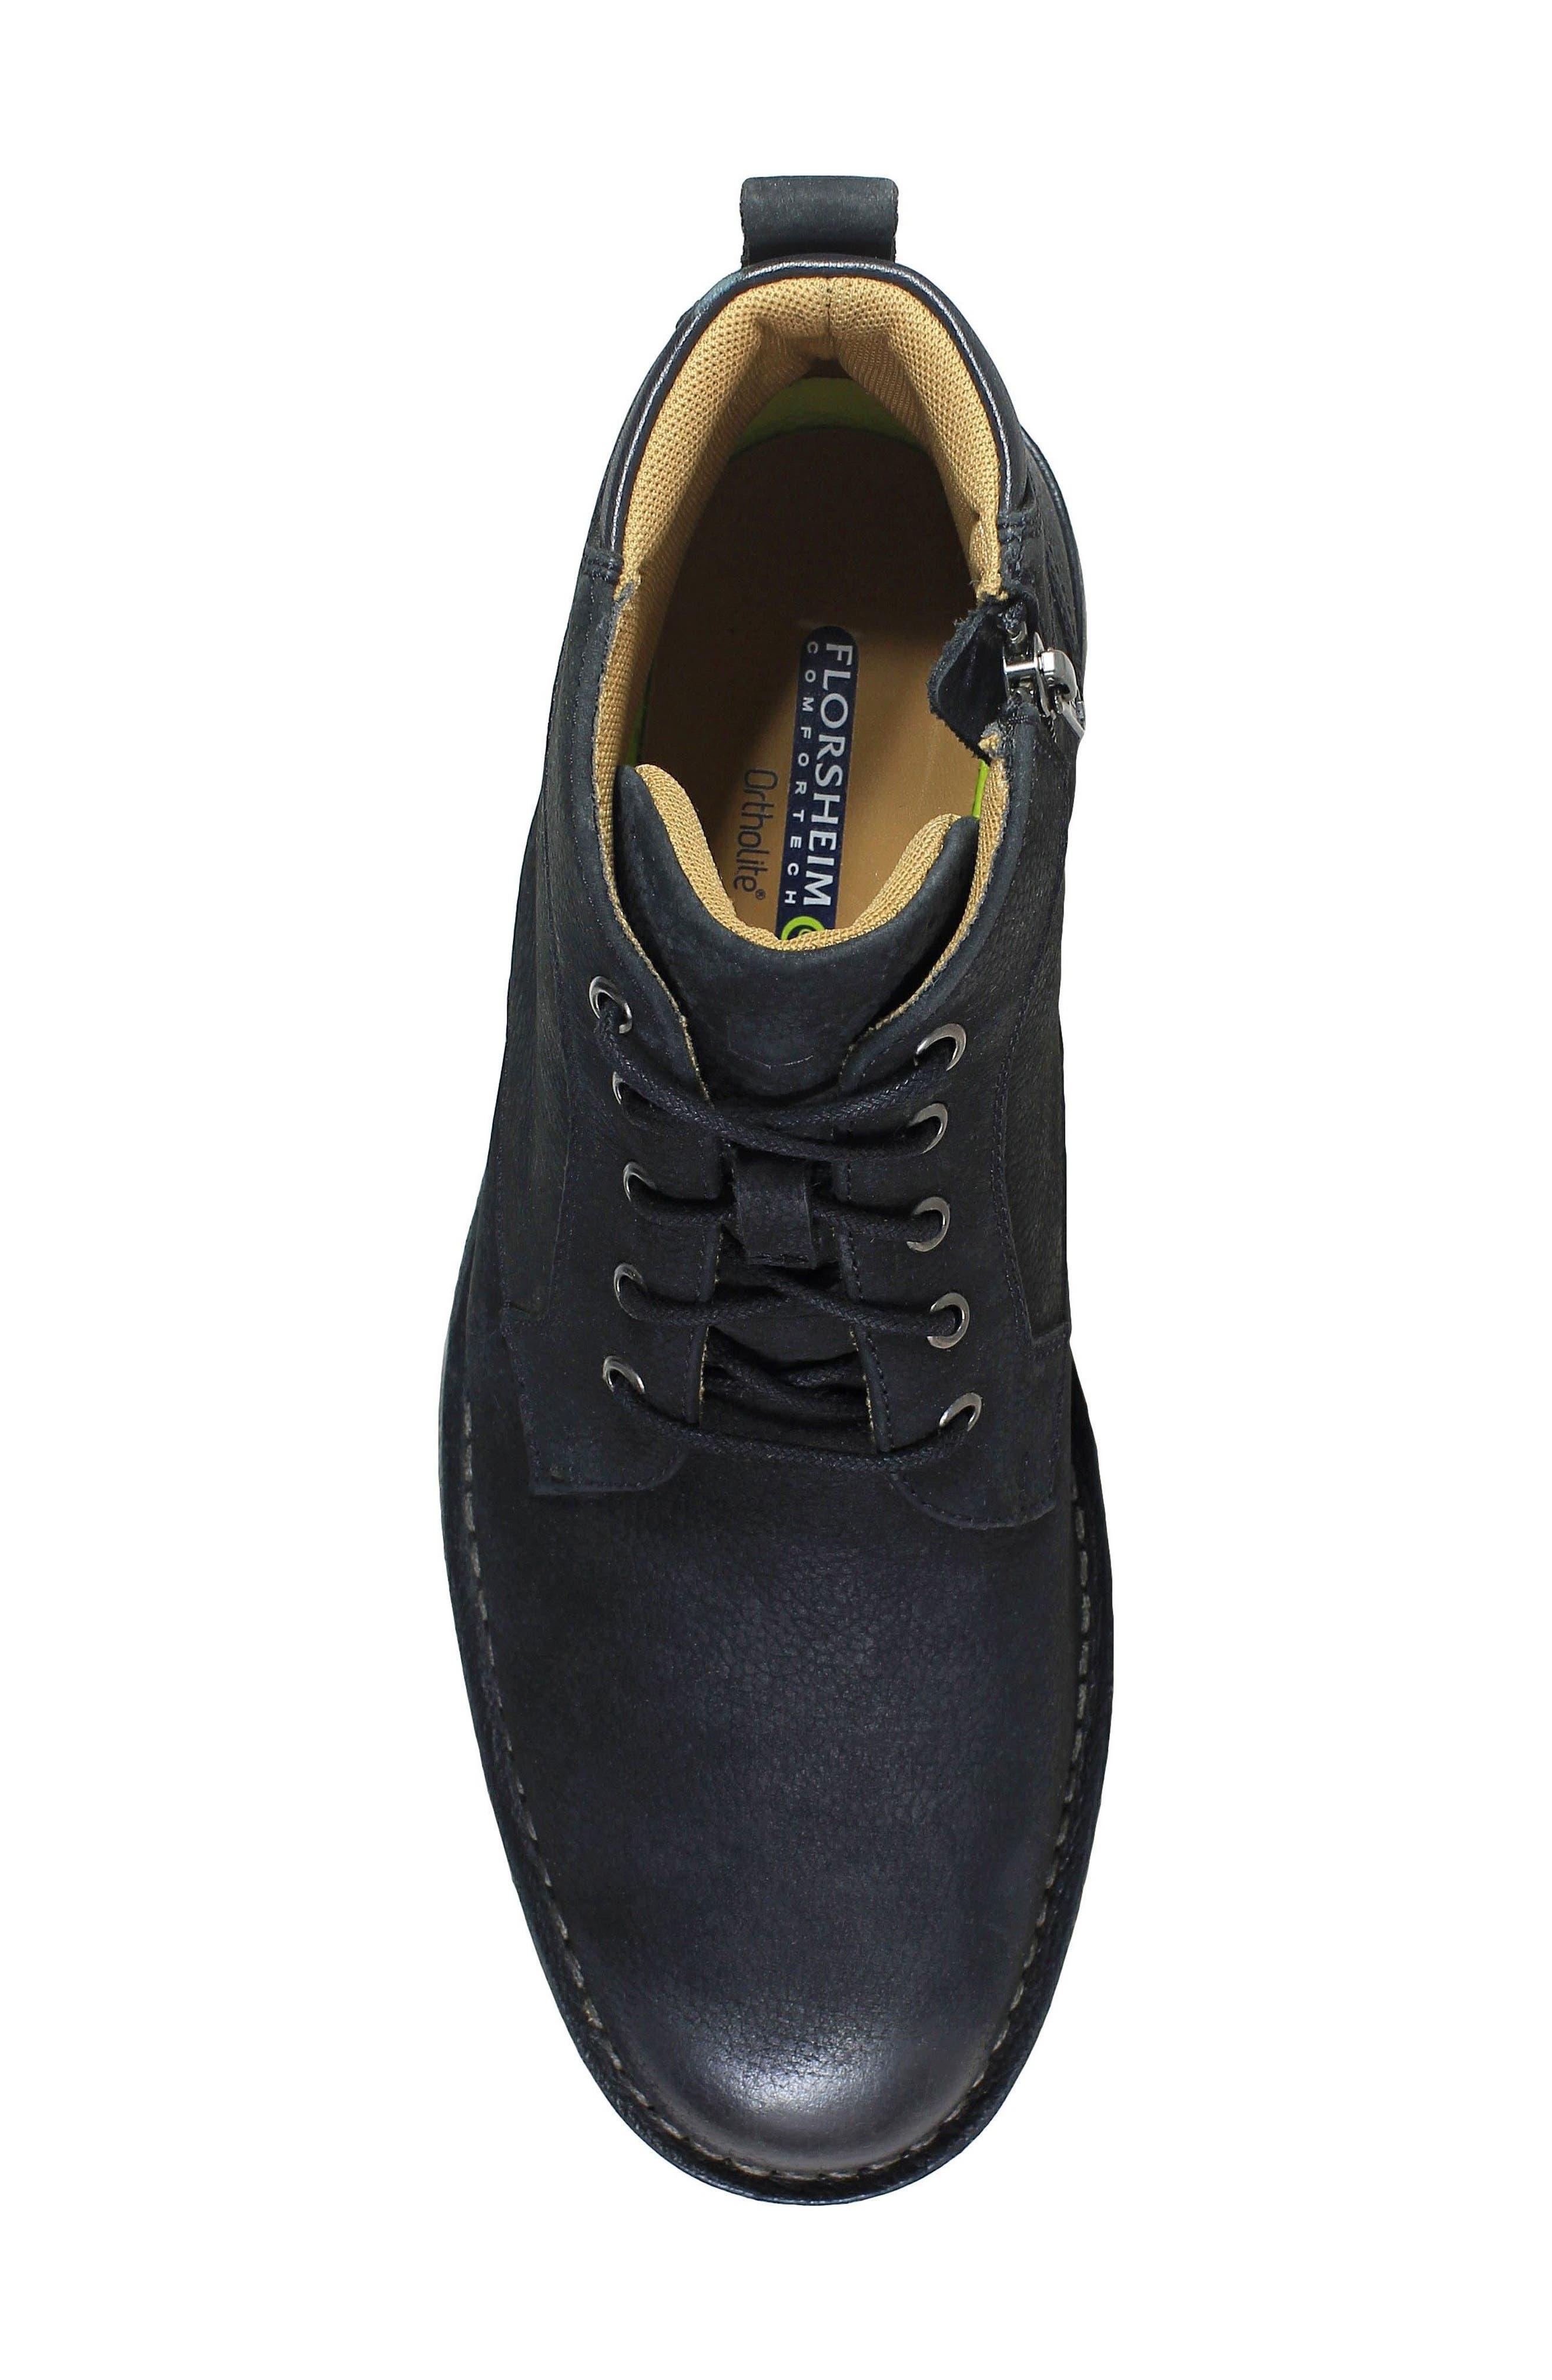 Navigator Plain Toe Boot,                             Alternate thumbnail 5, color,                             006